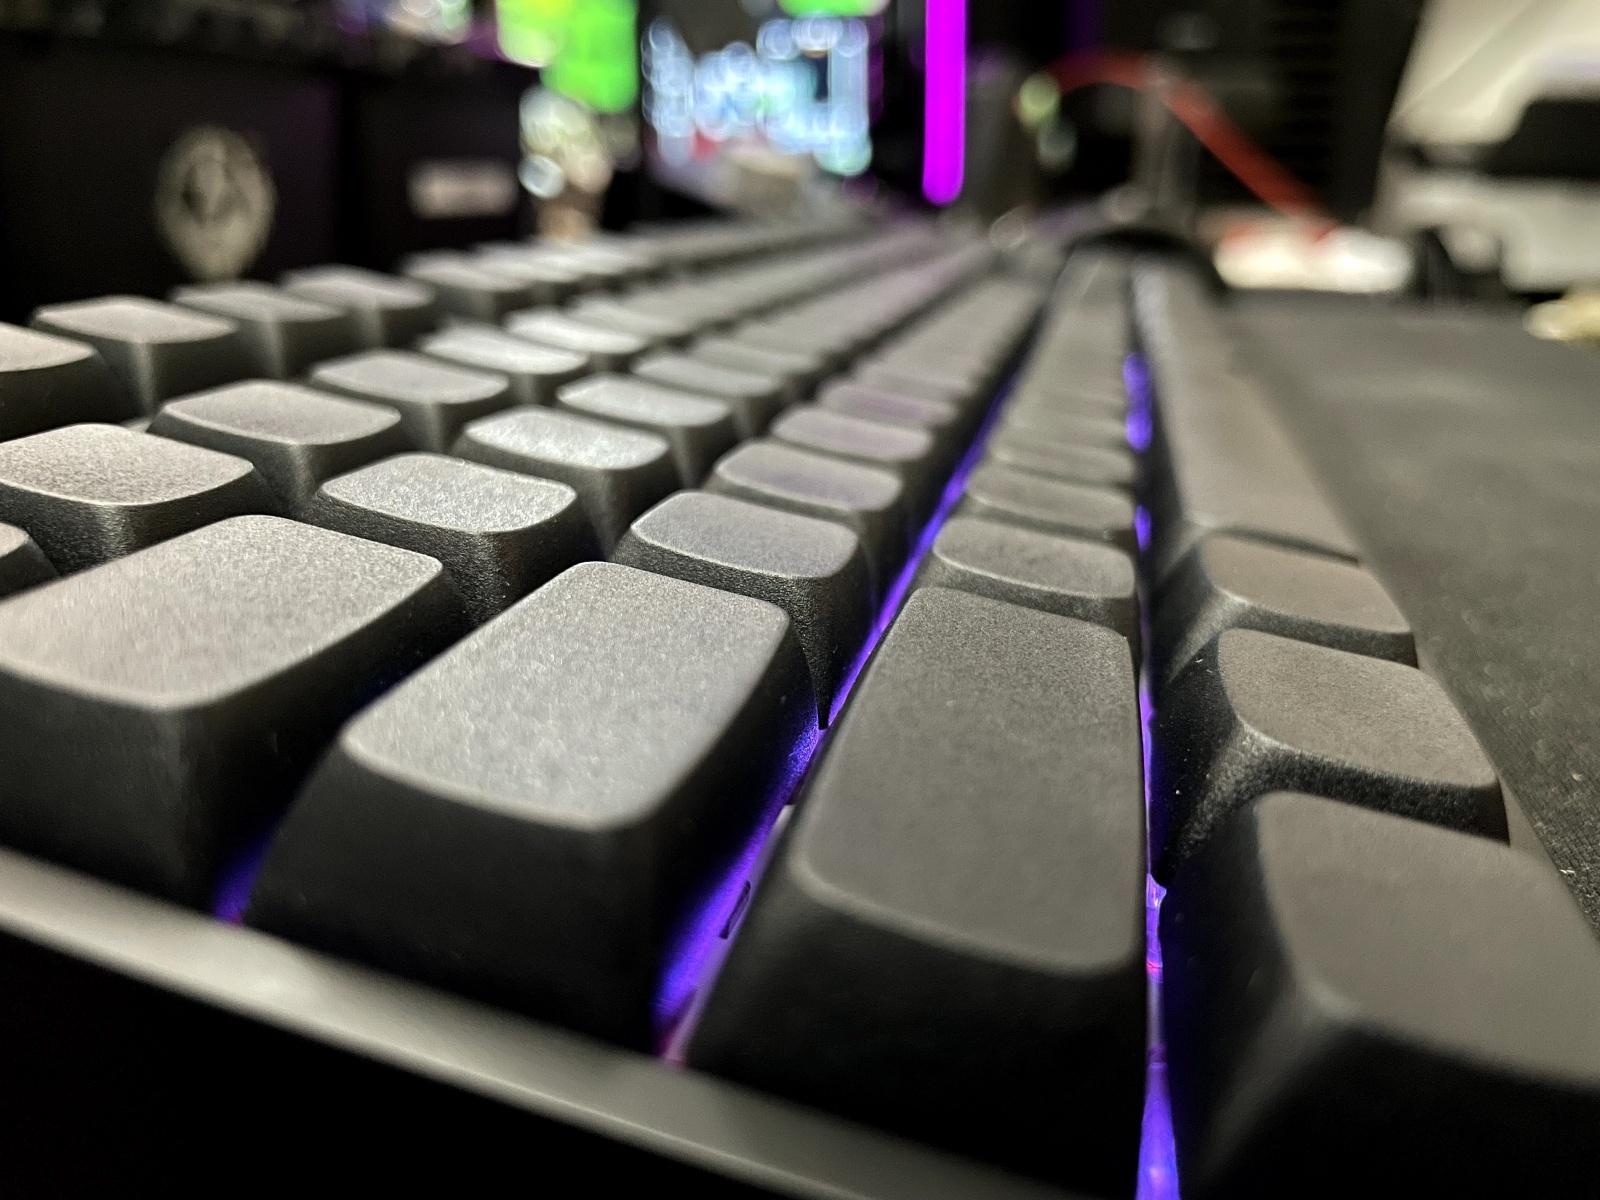 Больше механических клавиатур хороших и разных: новые модели, на которые стоит обратить внимание - 9